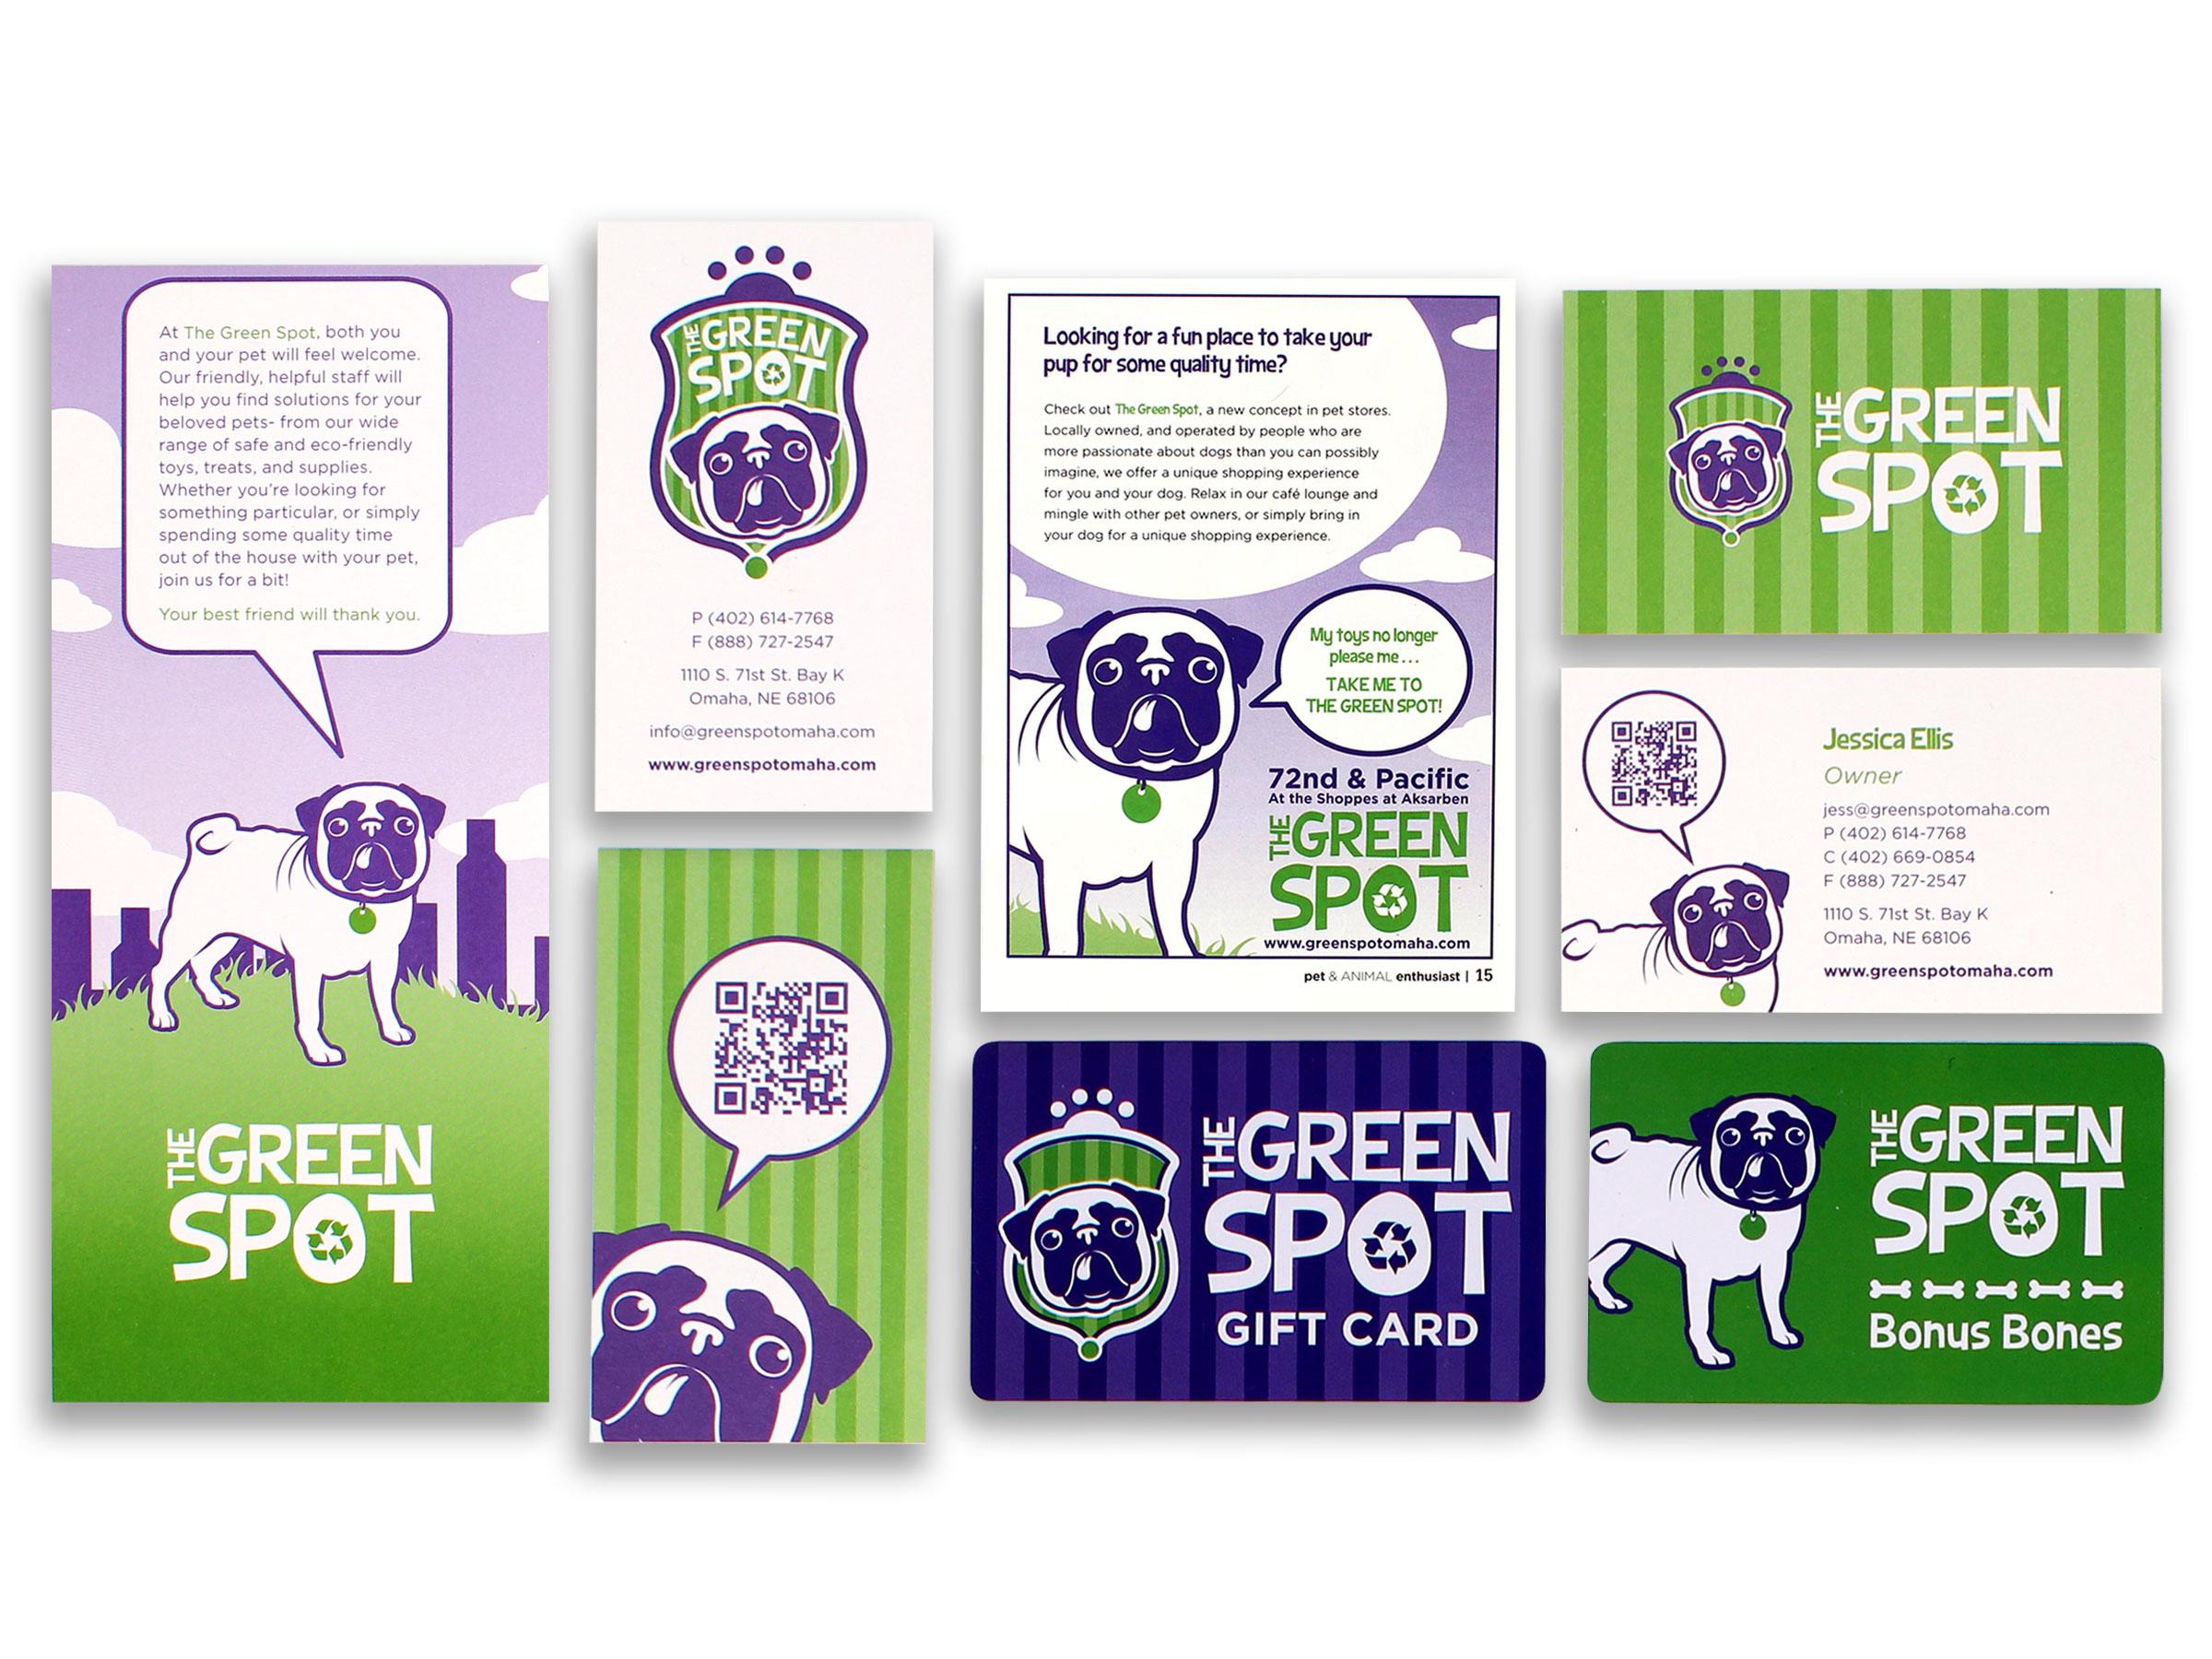 The Green Spot